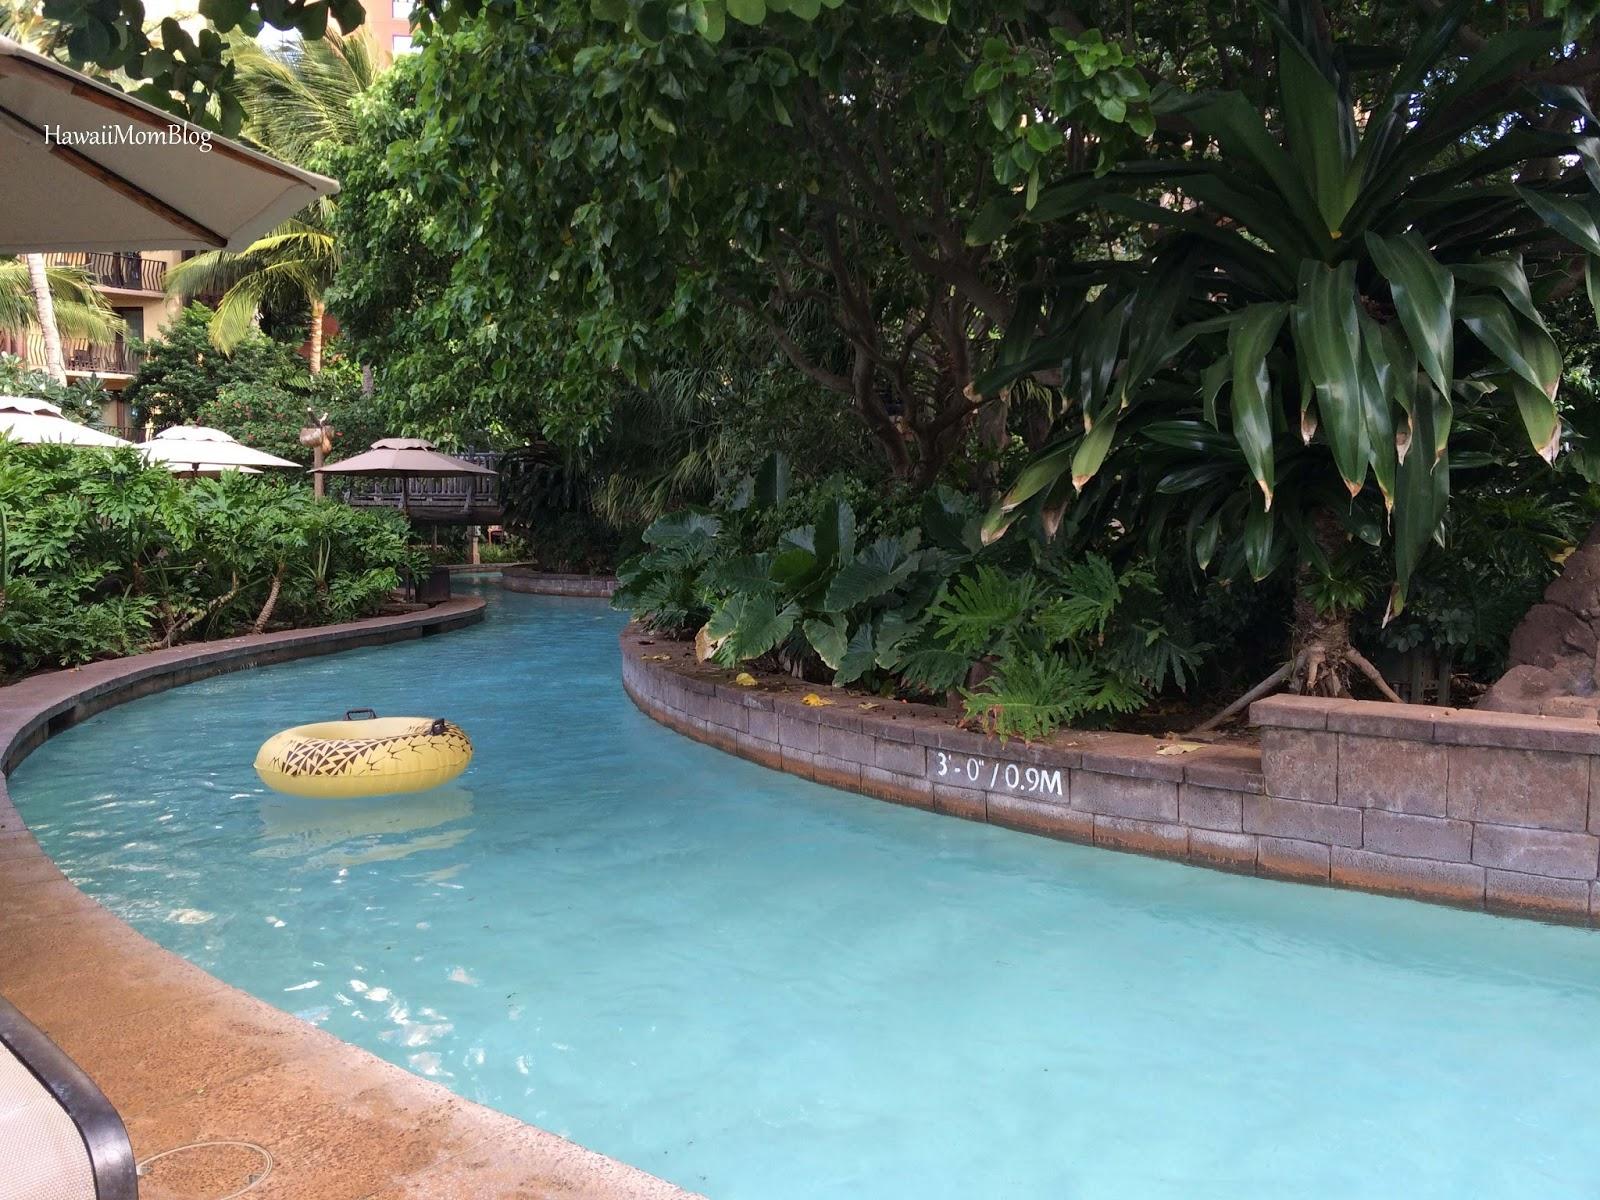 hawaii mom blog the magical pools at aulani a disney resort u0026 spa